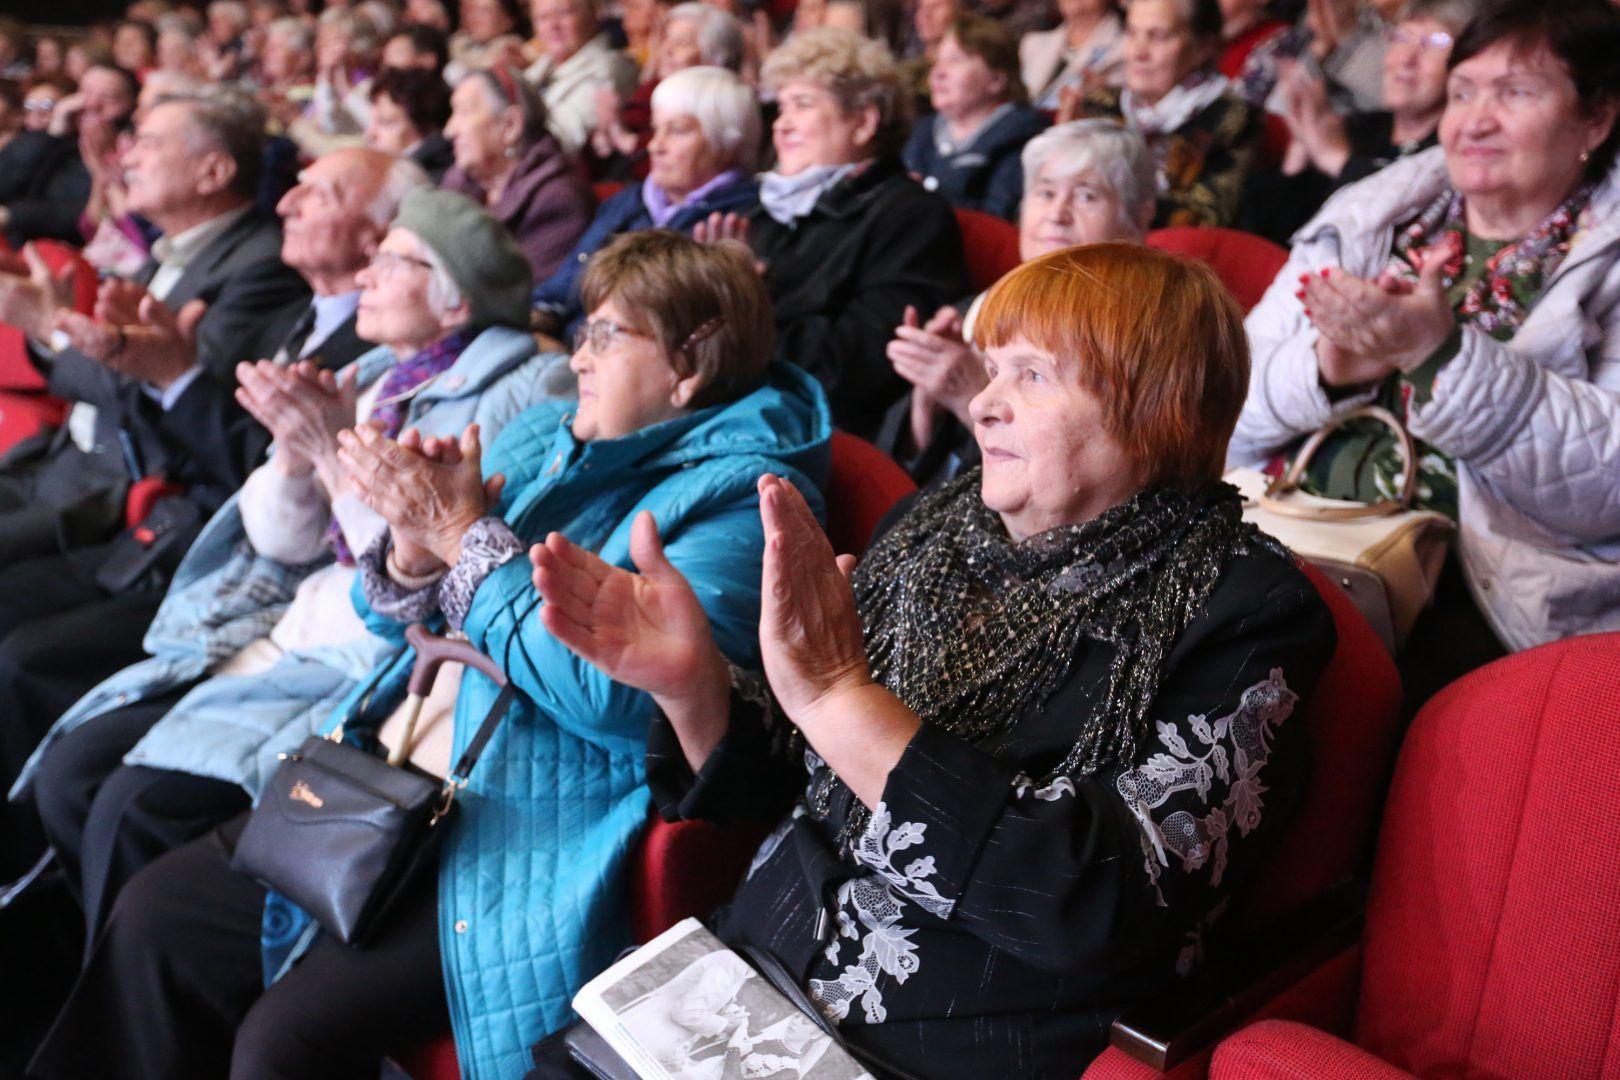 ТЦСО подготовили насыщенную программу. Фото: Виктор Хабаров, «Вечерняя Москва»